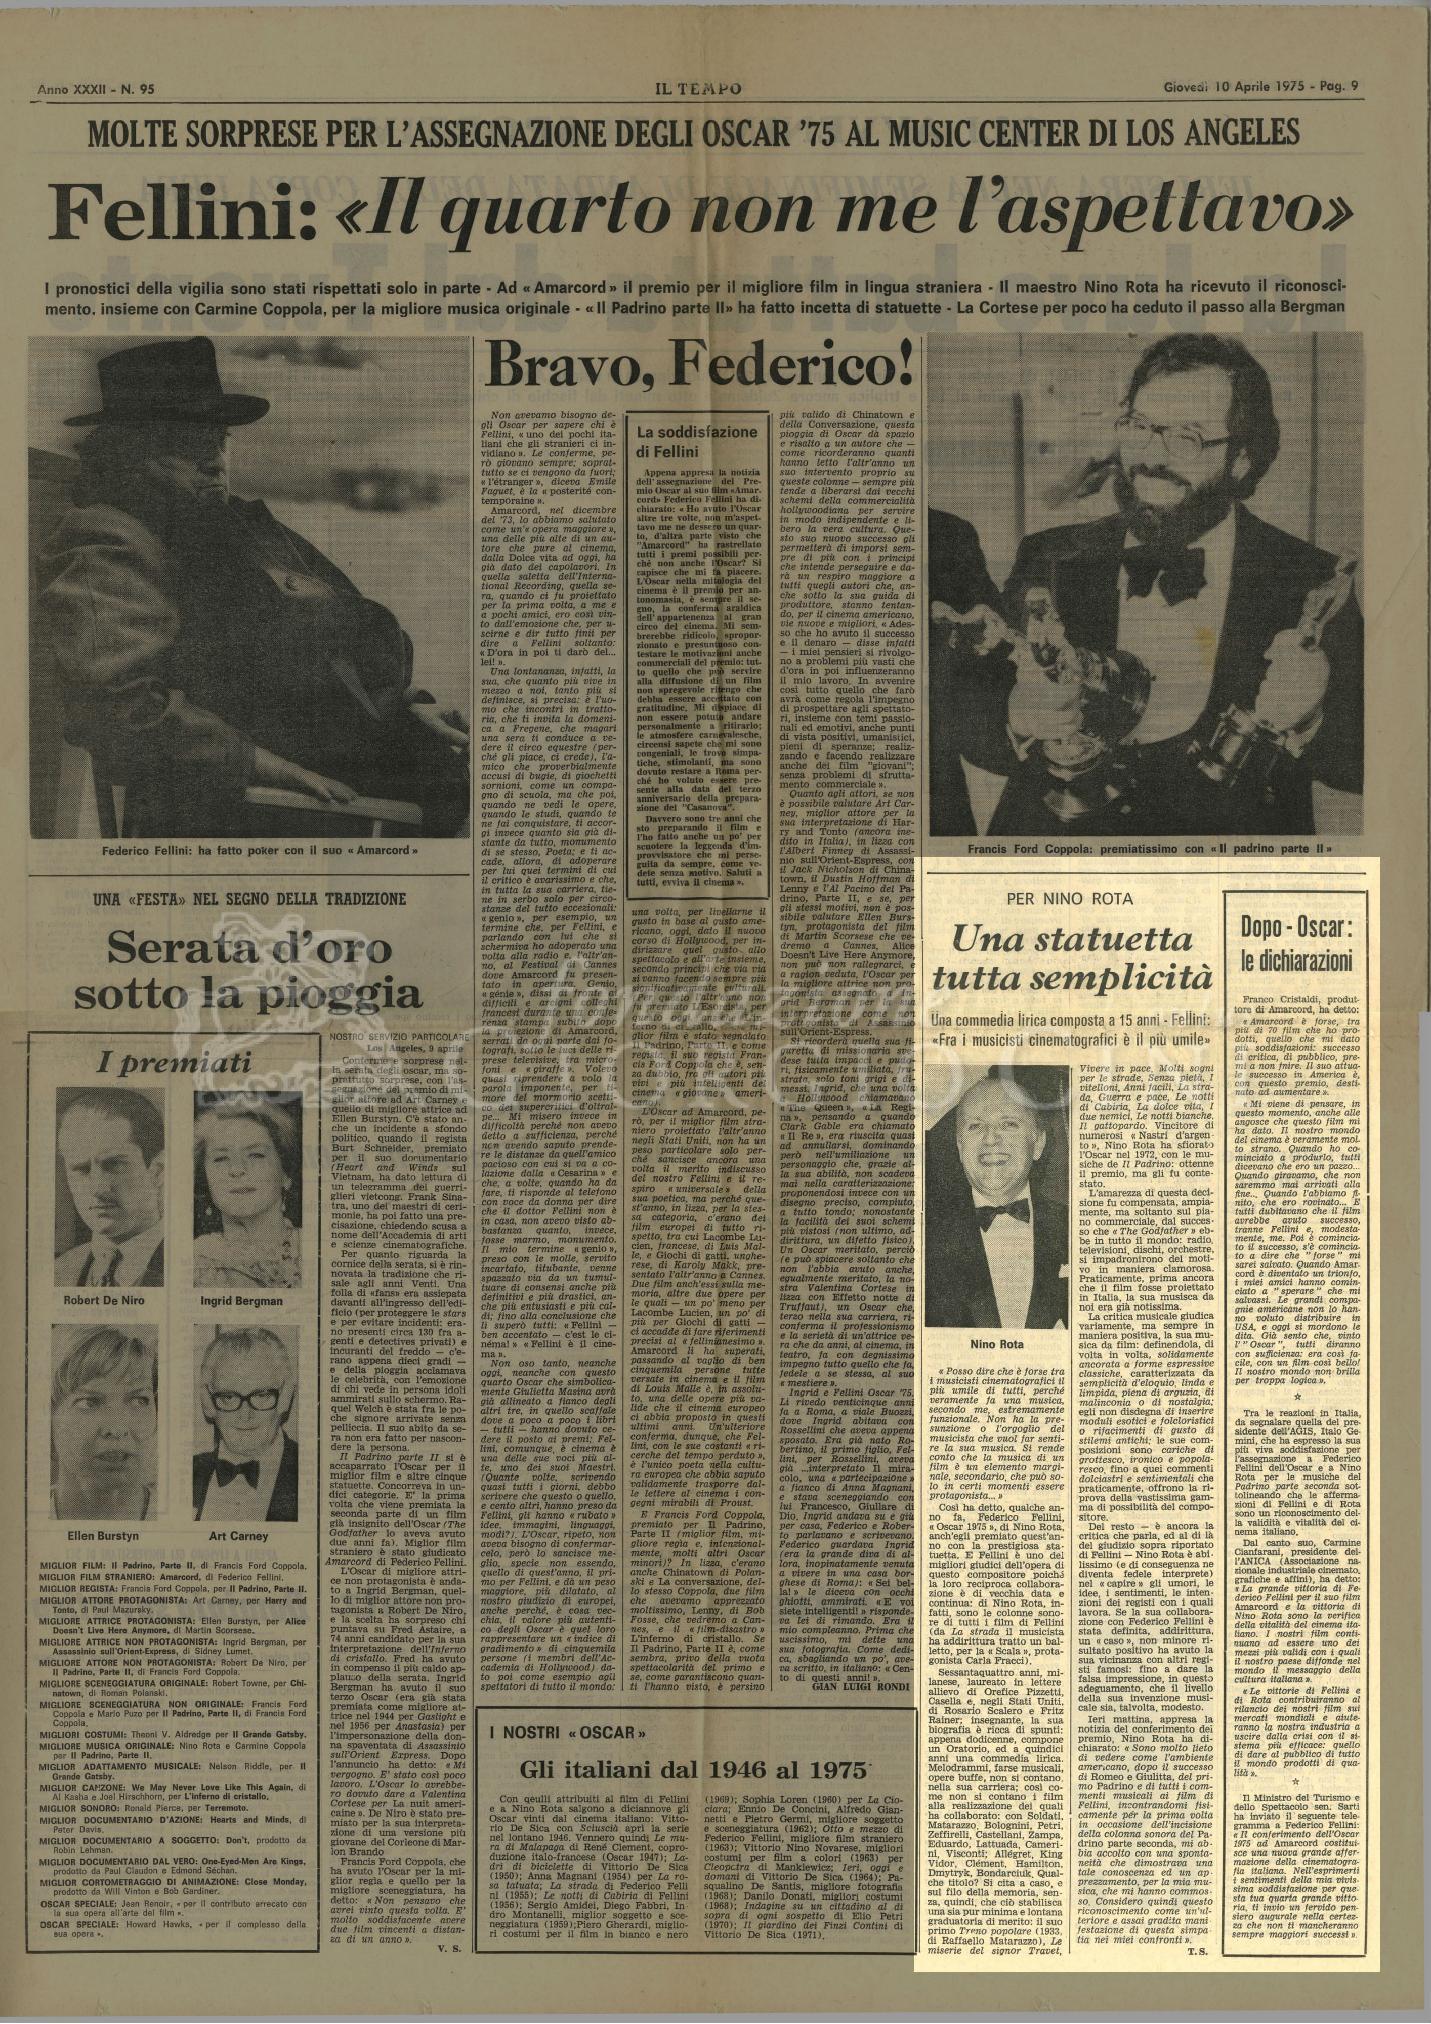 Per Nino Rota una statuetta tutta semplicità  10 aprile 1975